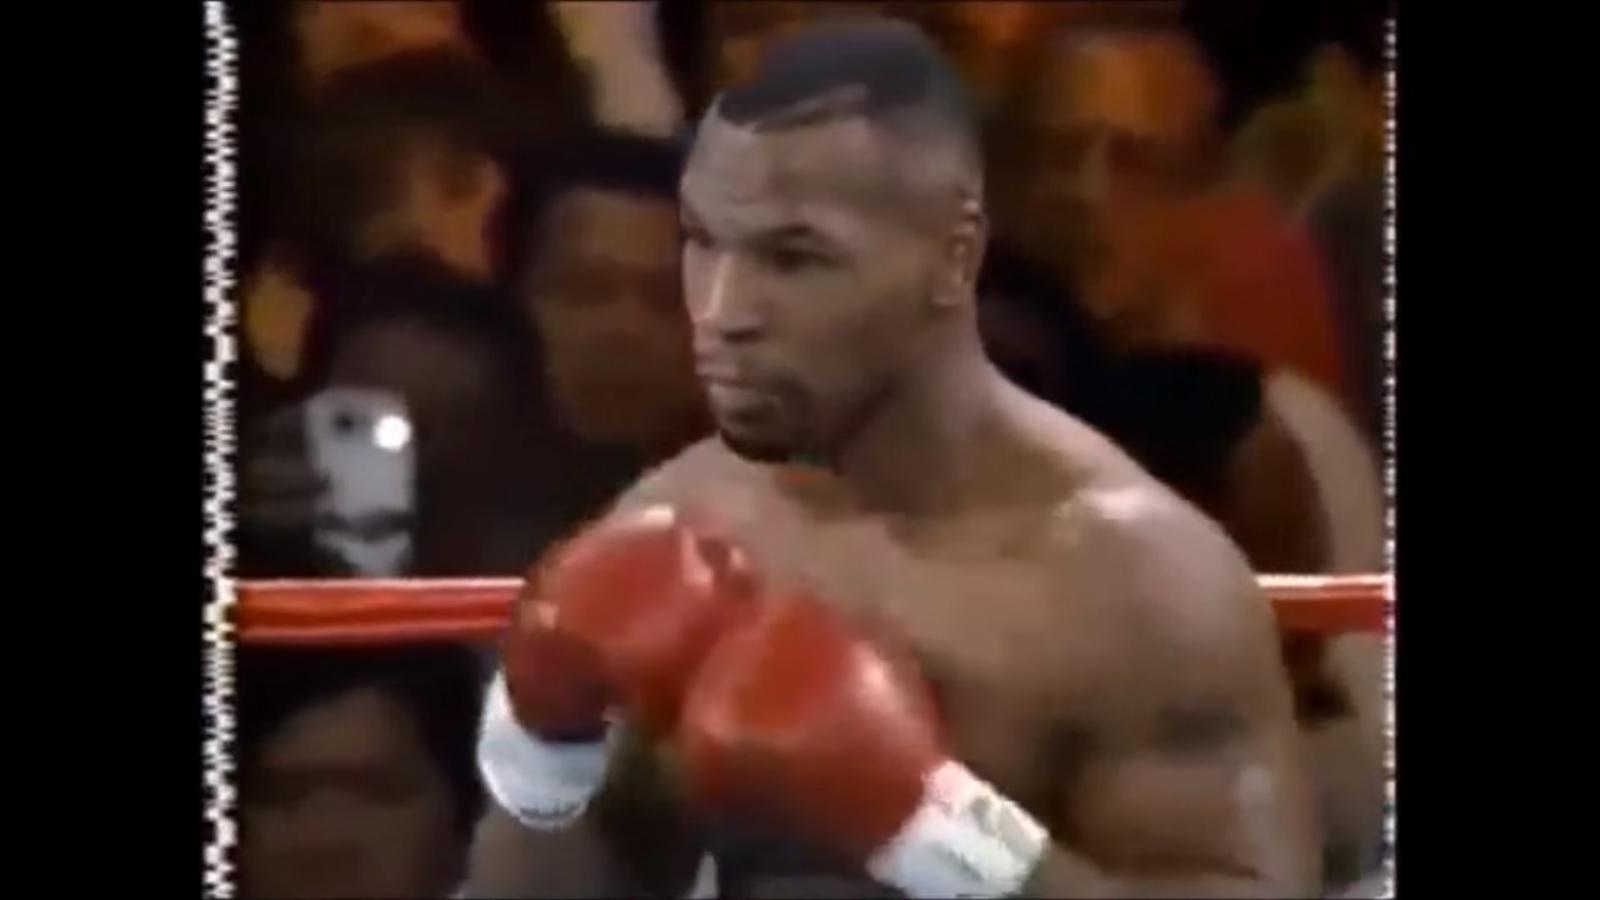 ¿Qué tan cierto es que alguien viajó en el tiempo para ver pelea de Mike Tyson?... ¡Responde el quiz!